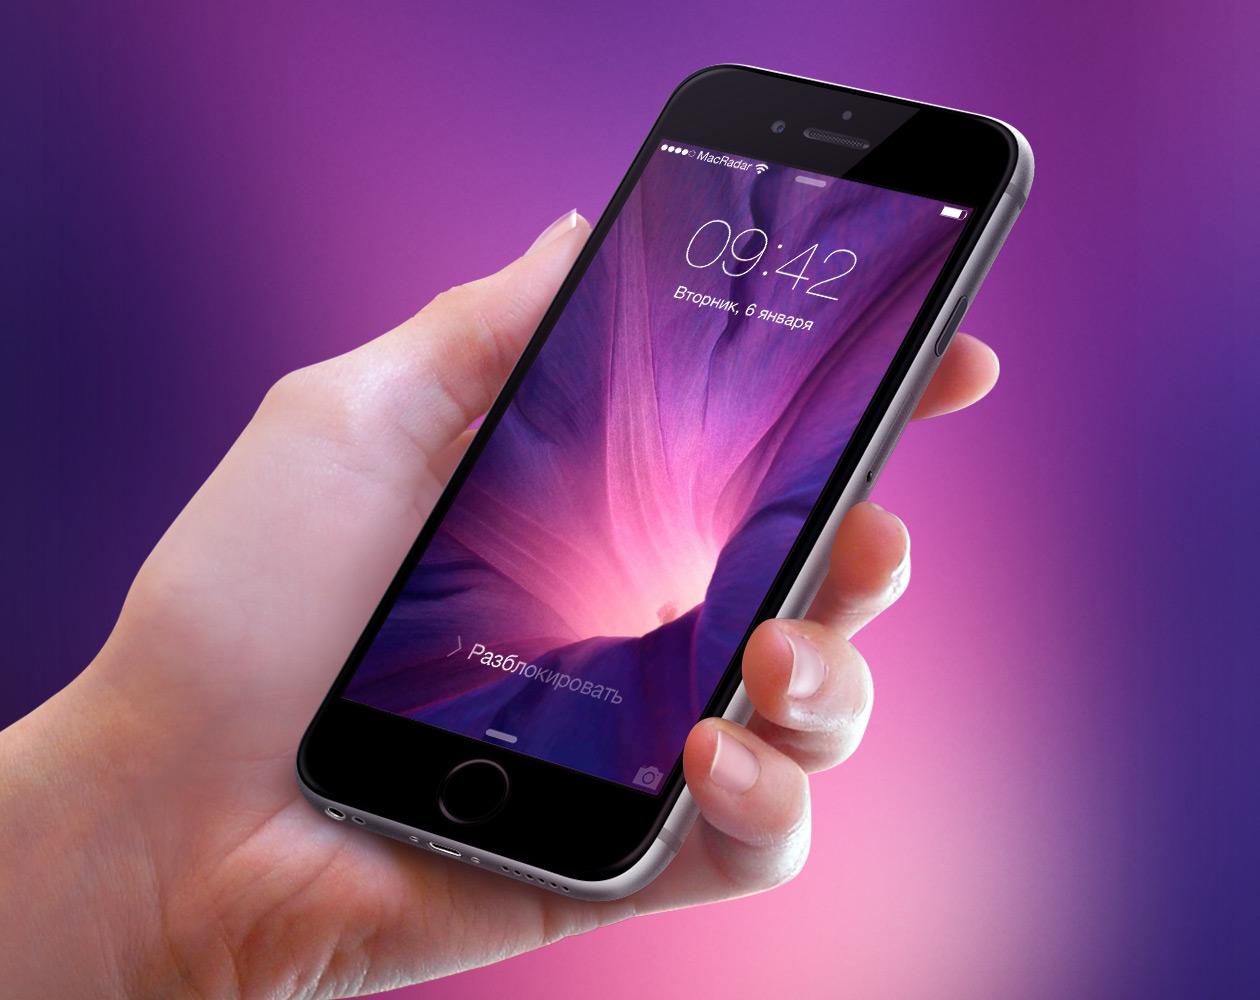 Обои для iPhone: В ближайшем приближении